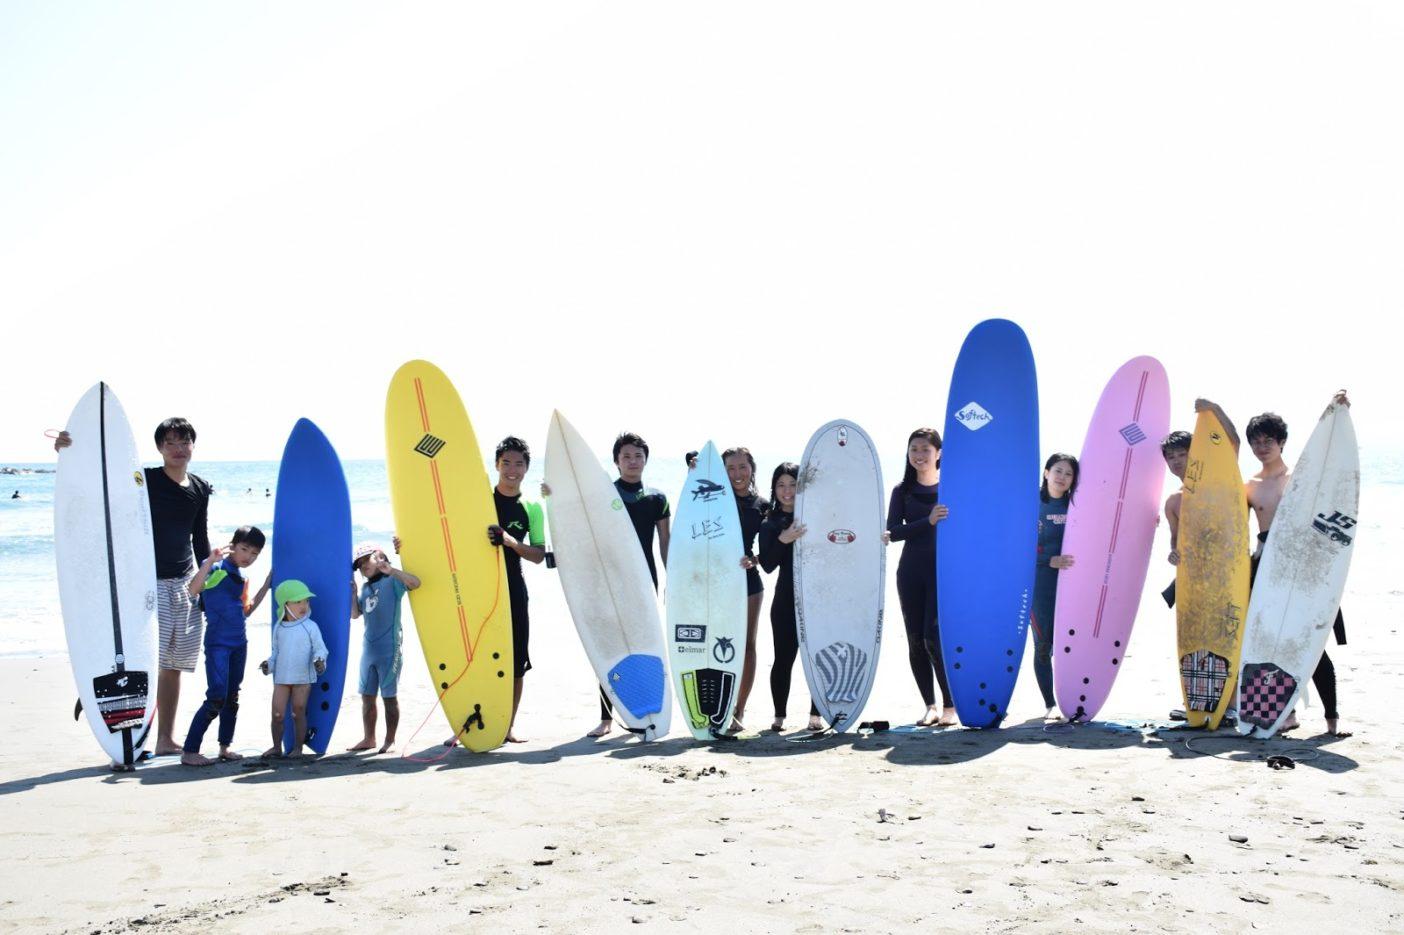 徳島大学サーフィン部集合写真。現在24名(2017年8月現在)でサーフィンの楽しみを皆で共有しながら活動しています。写真:武知 実波